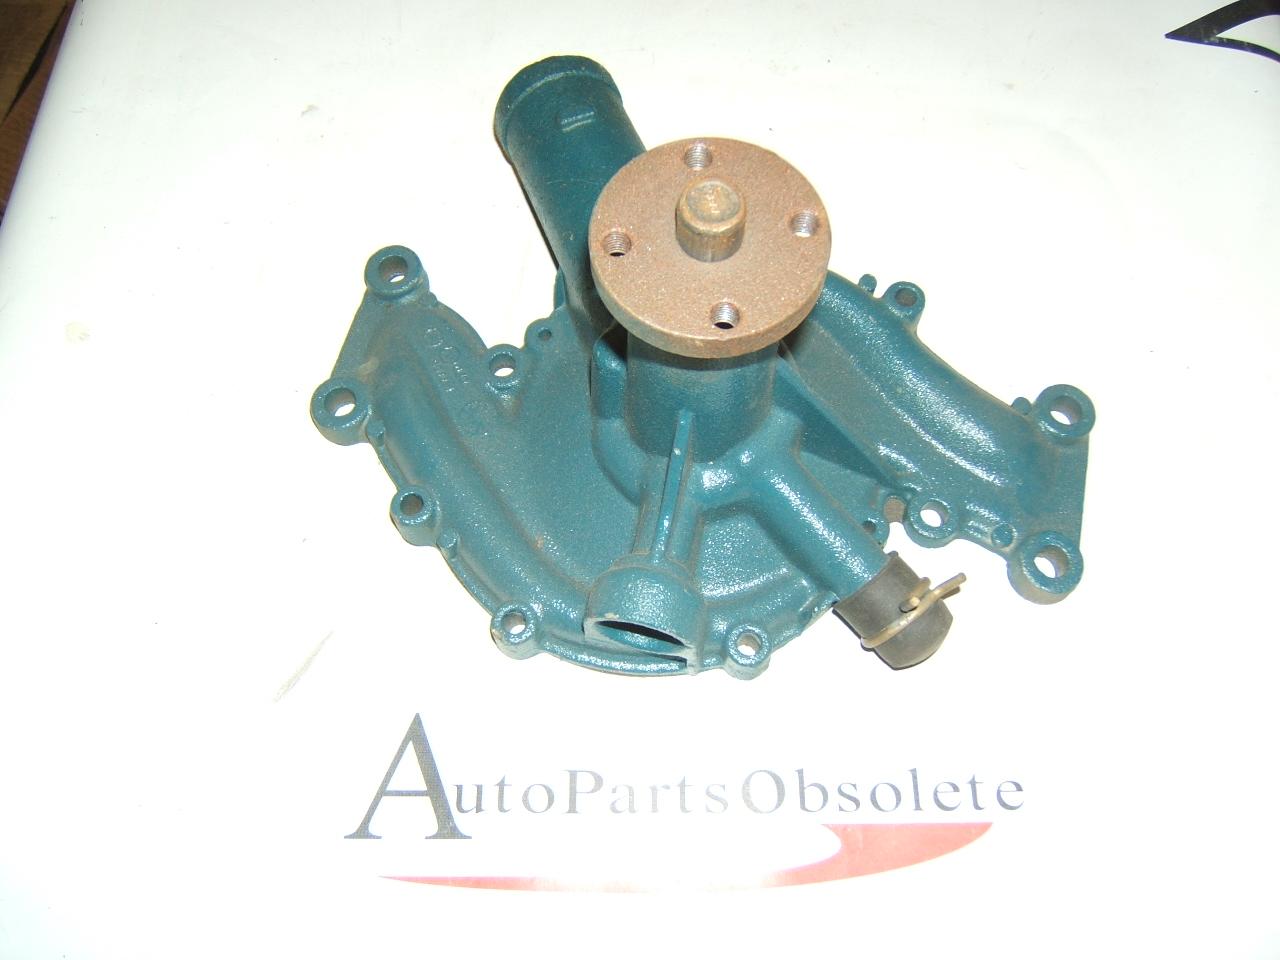 1963 1964 Cadillac rebuilt water pump orig casting 1477589 (A 207 blue chip)